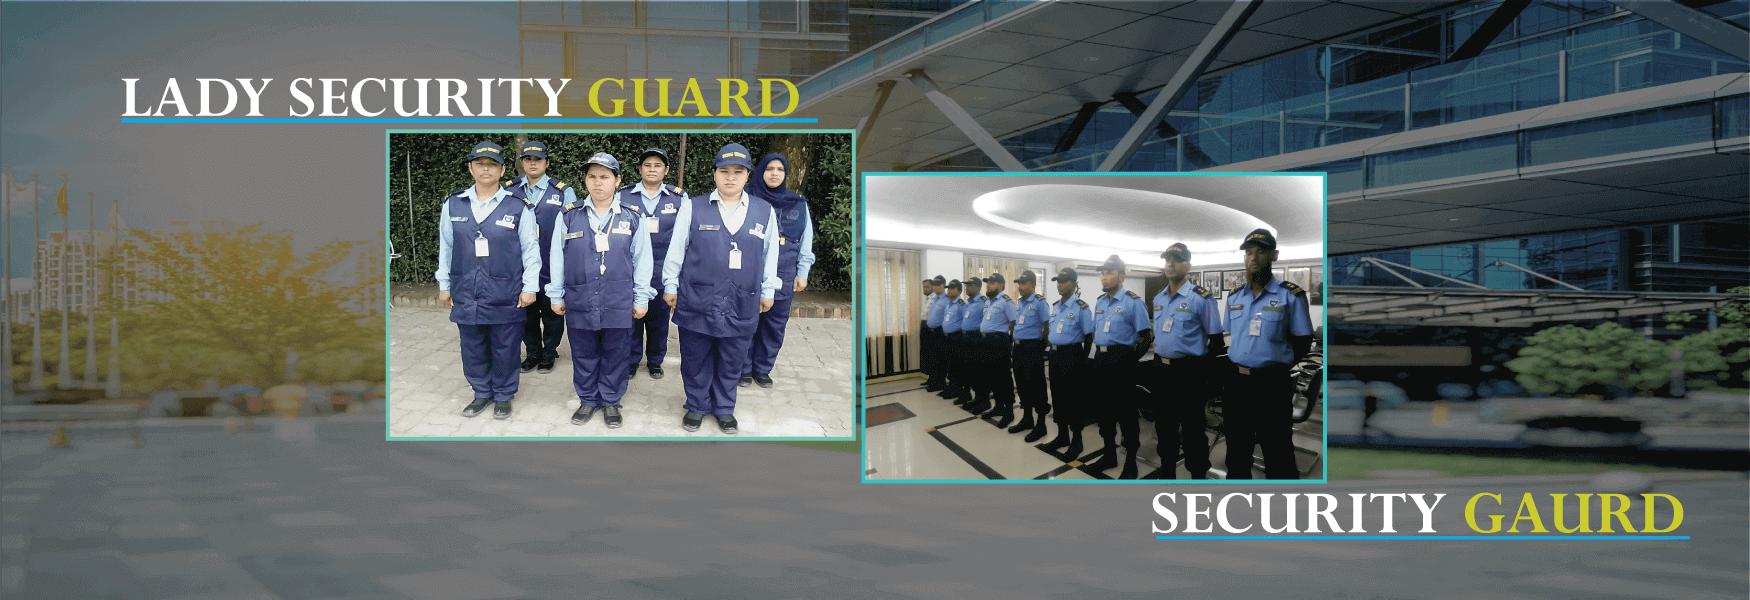 Lady-security-gaurd,-security-gaurd